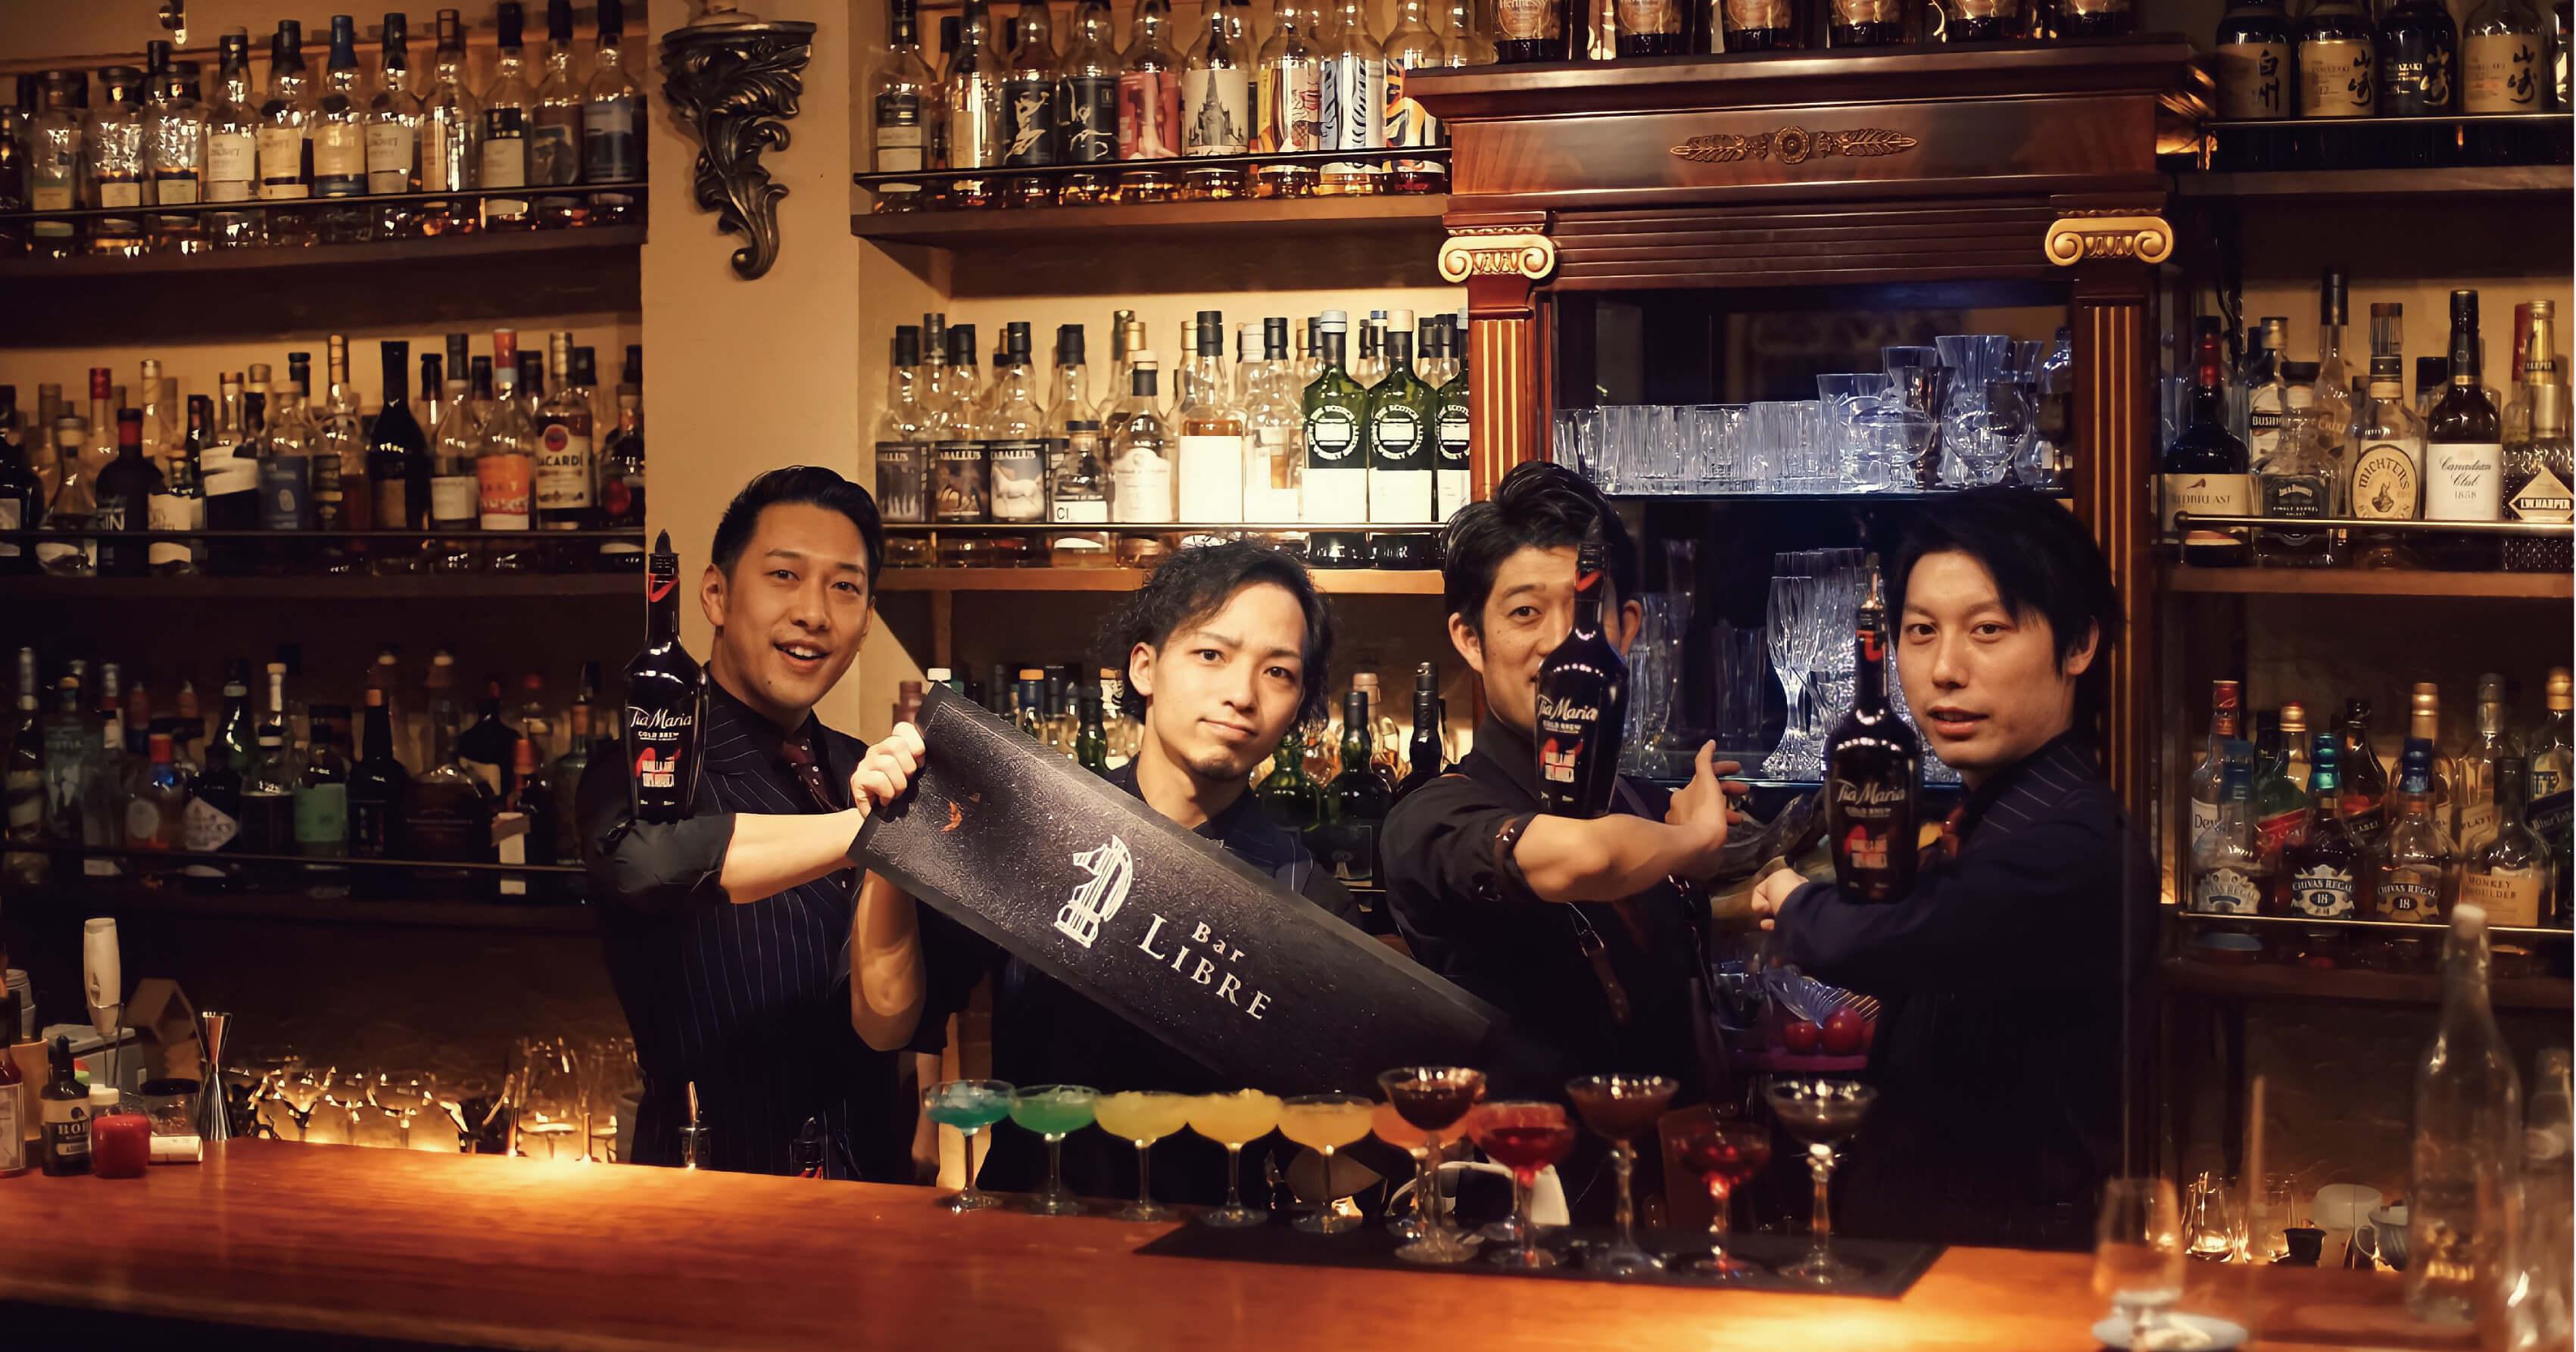 [イベントレポート] COLORSOL × Bar LIBRE ゲストシフト